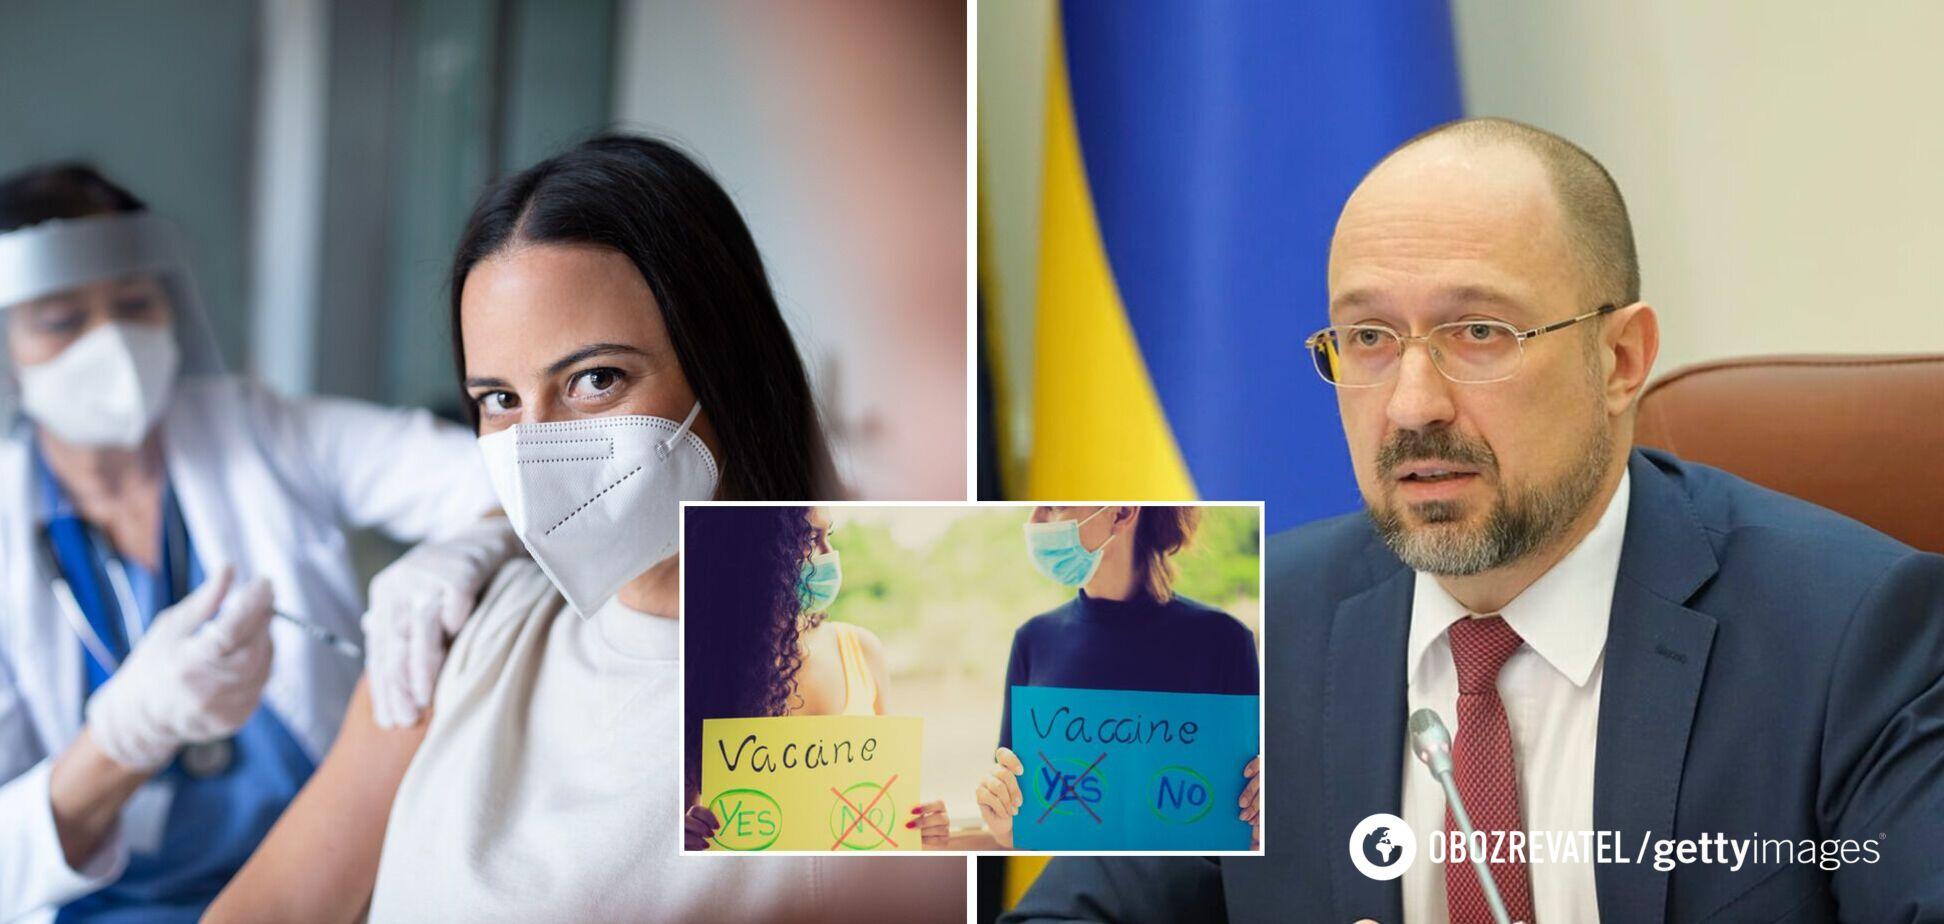 Уже понад 60% українців готові вакцинуватися від COVID-19, – Шмигаль